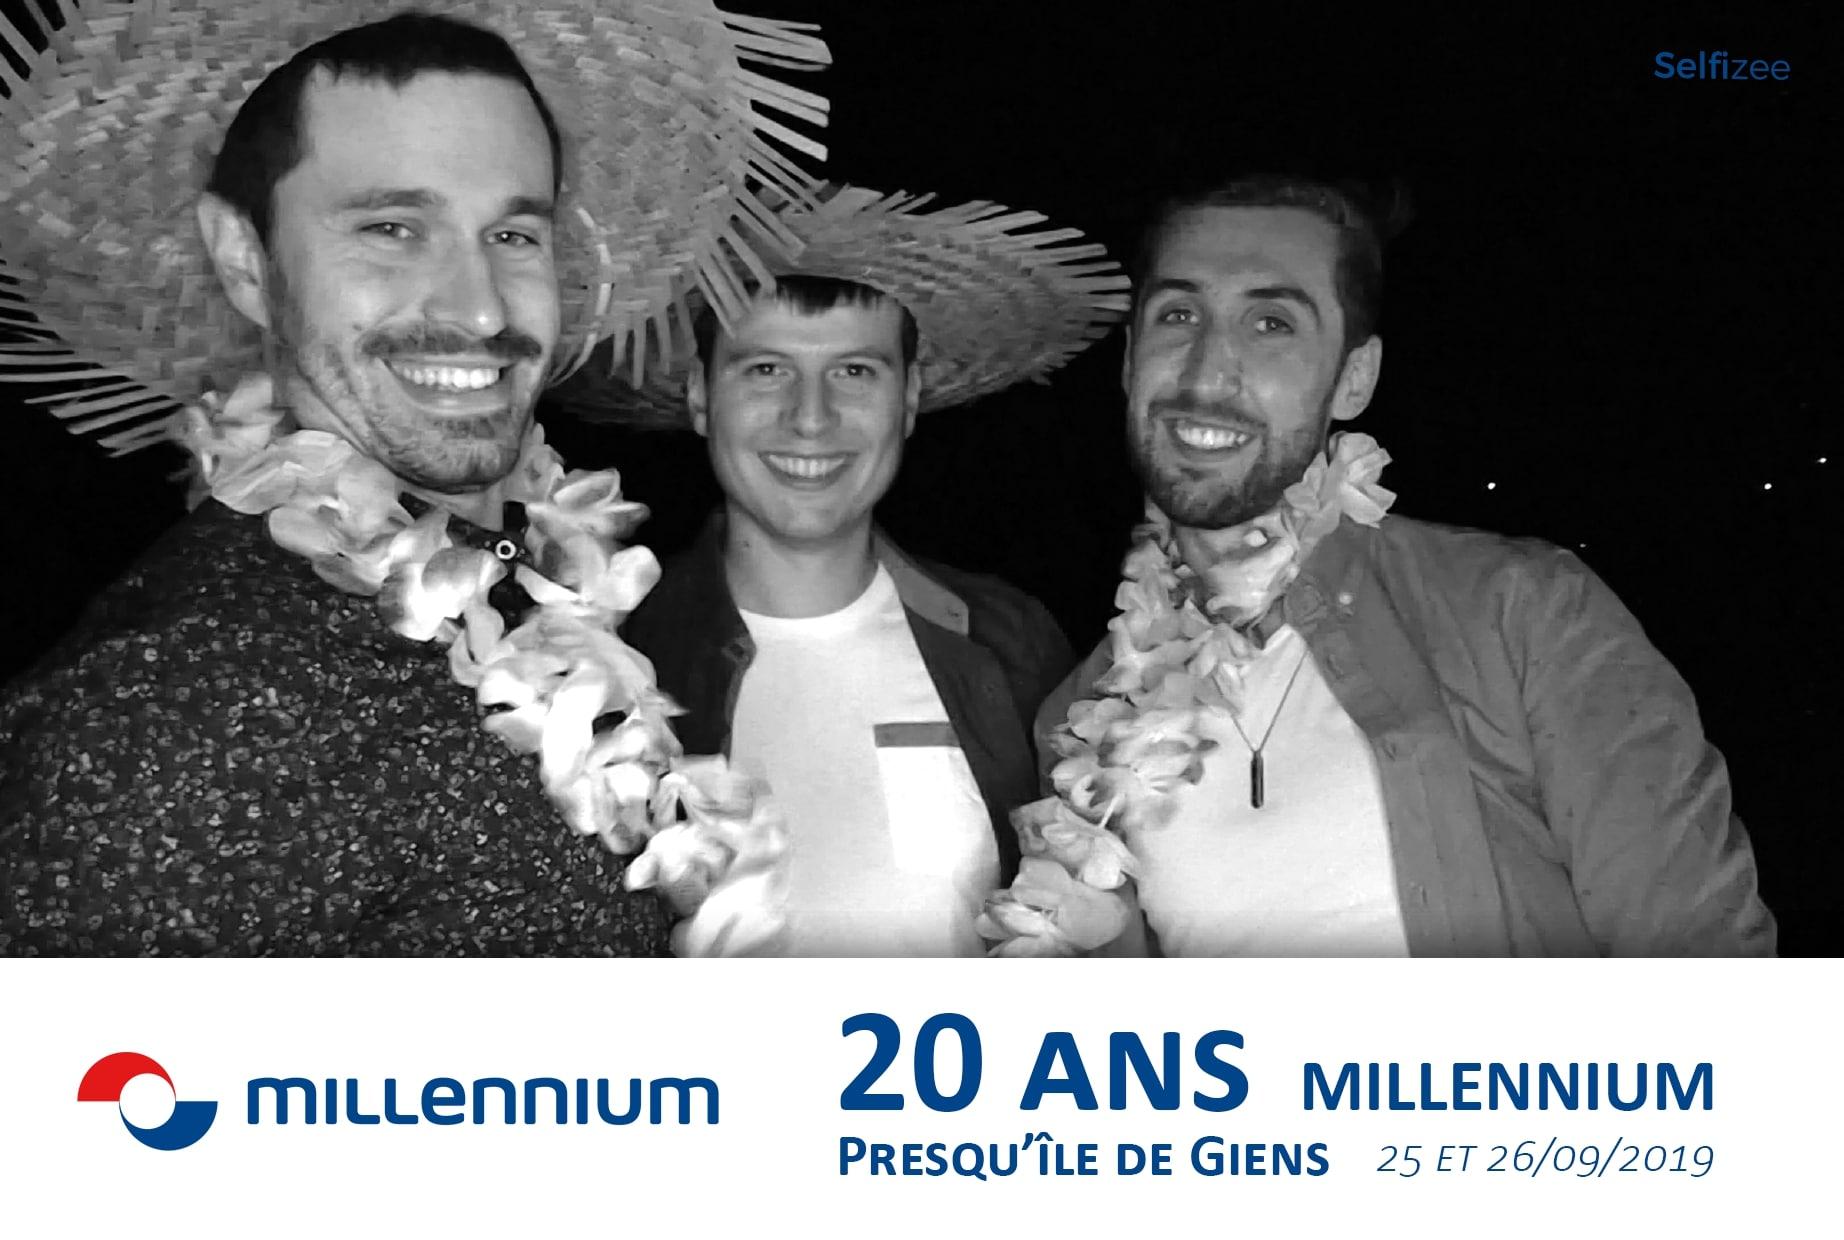 Animation selfie box connectée avec impressions photos à fête anniversaire de l'entreprise Millennium sur presqu'île de Giens près de Hyères et Toulon